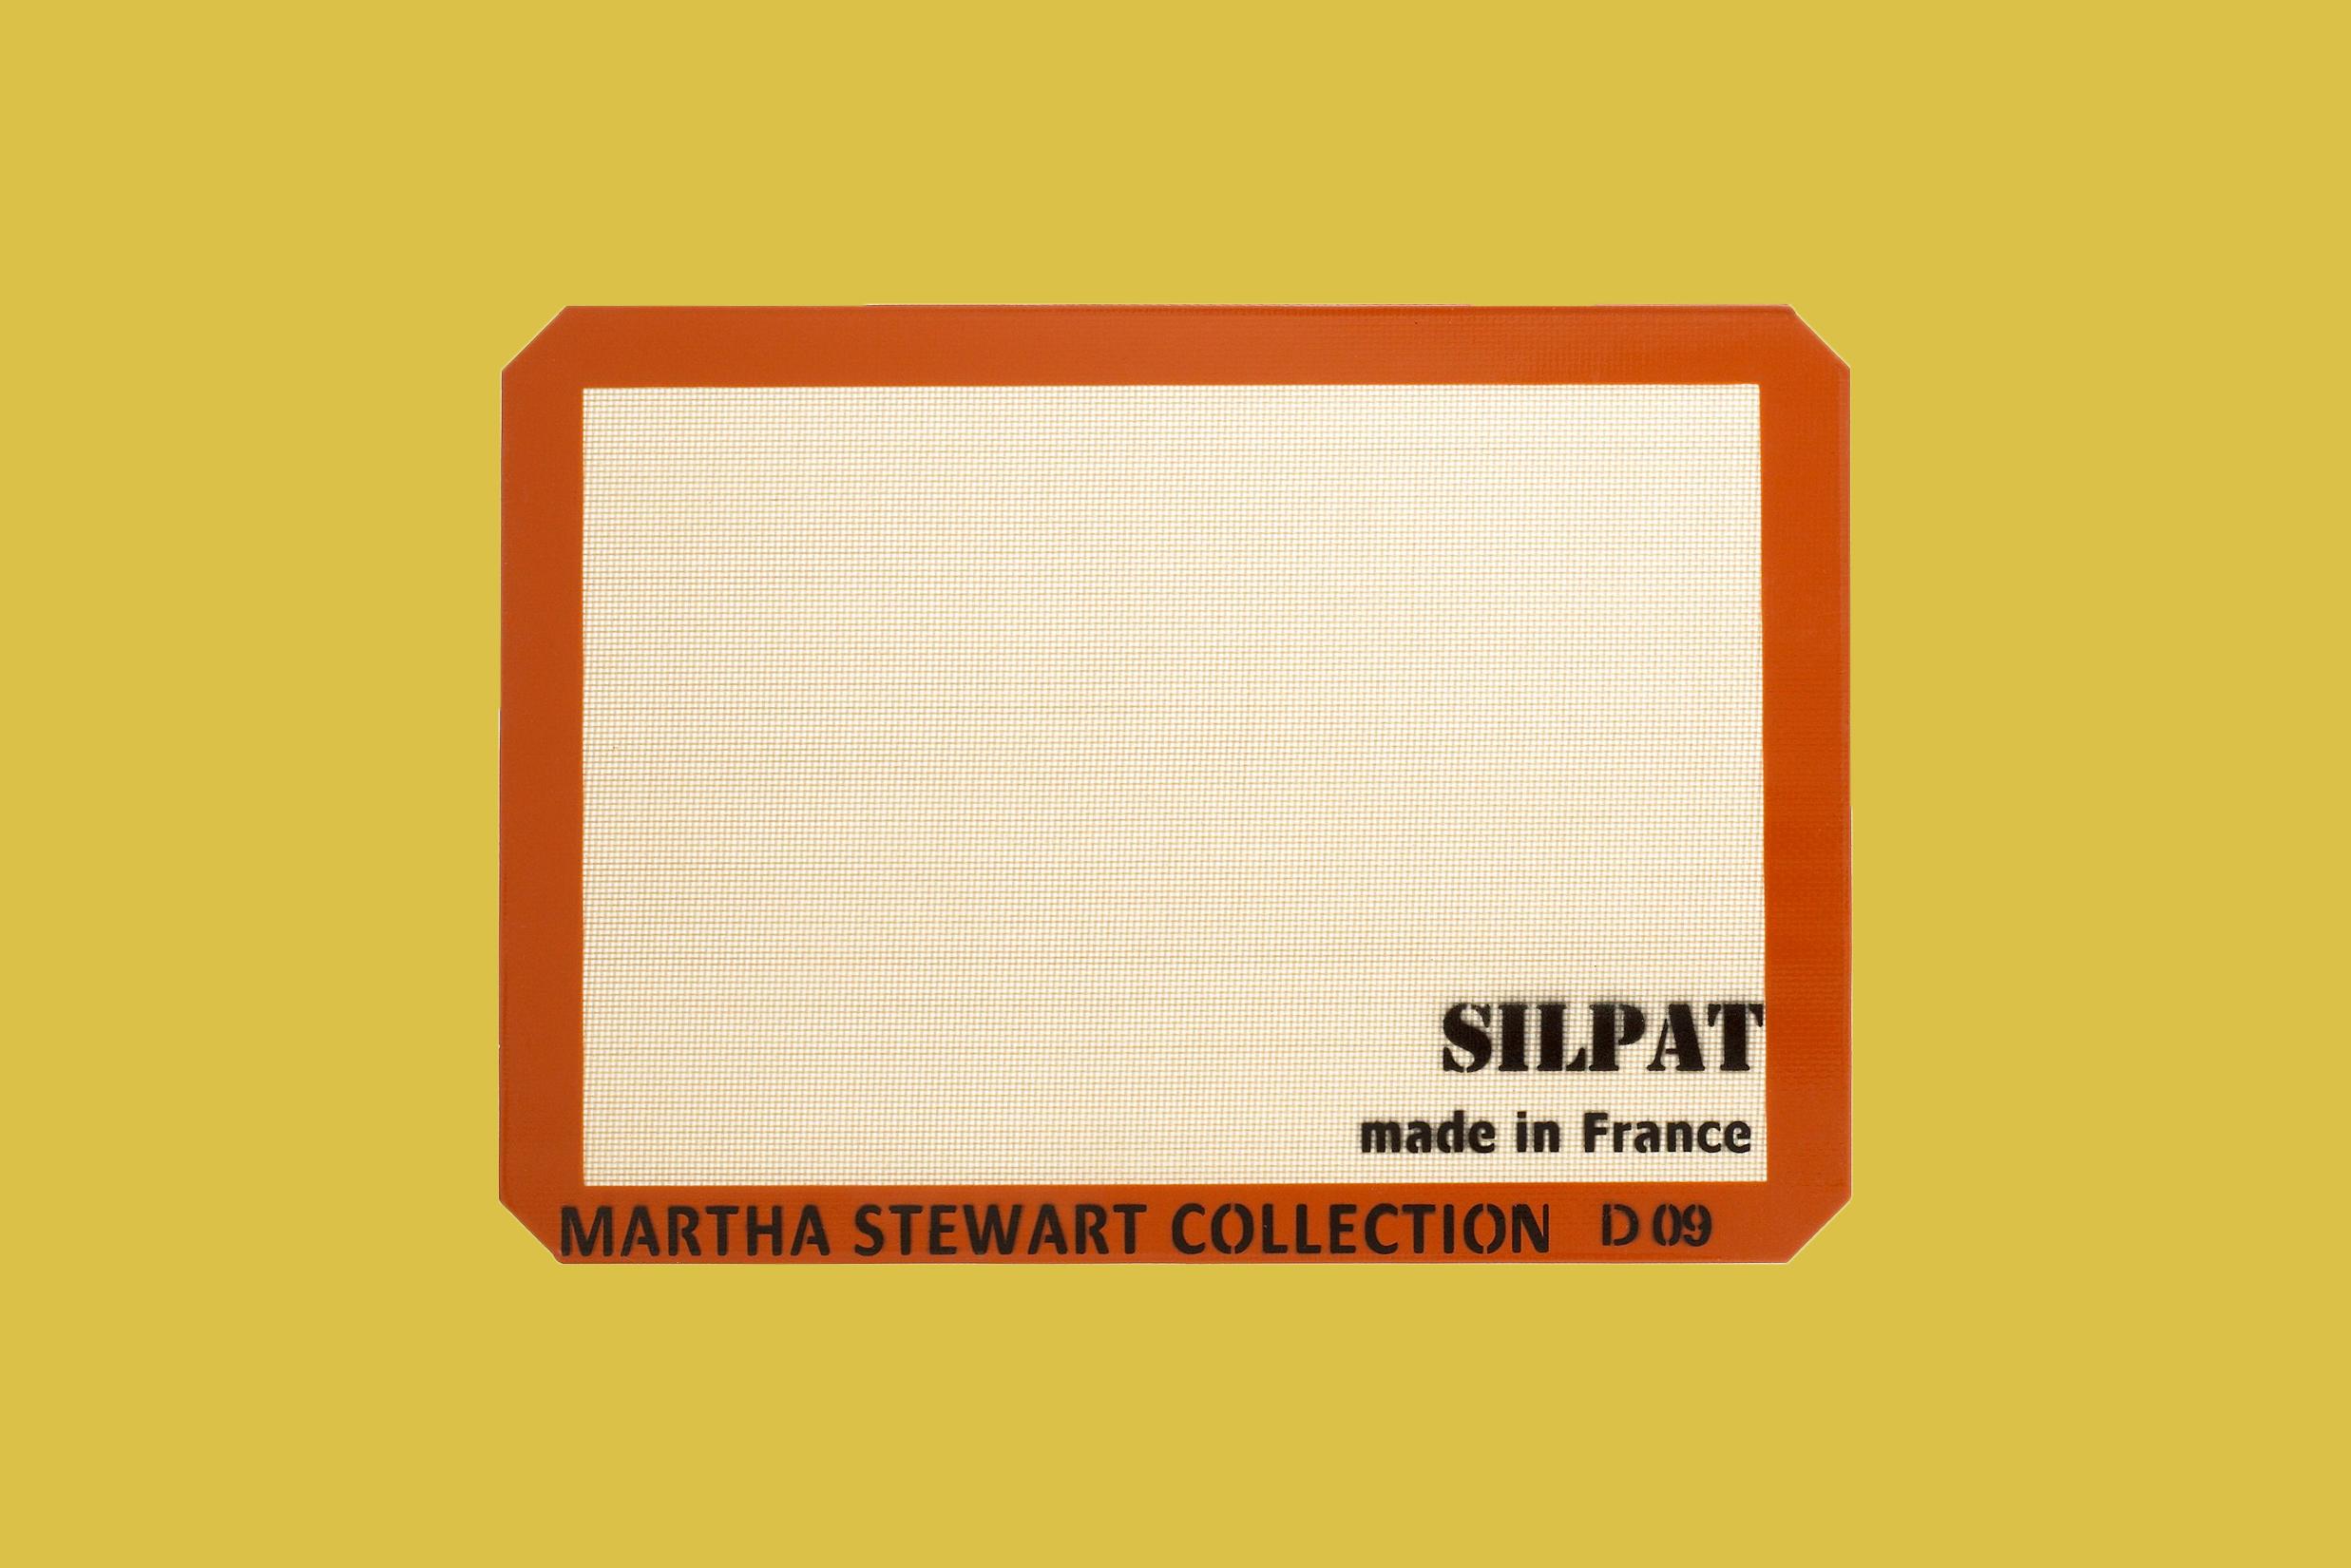 Martha Stewart Collection Silpat Baking Mat